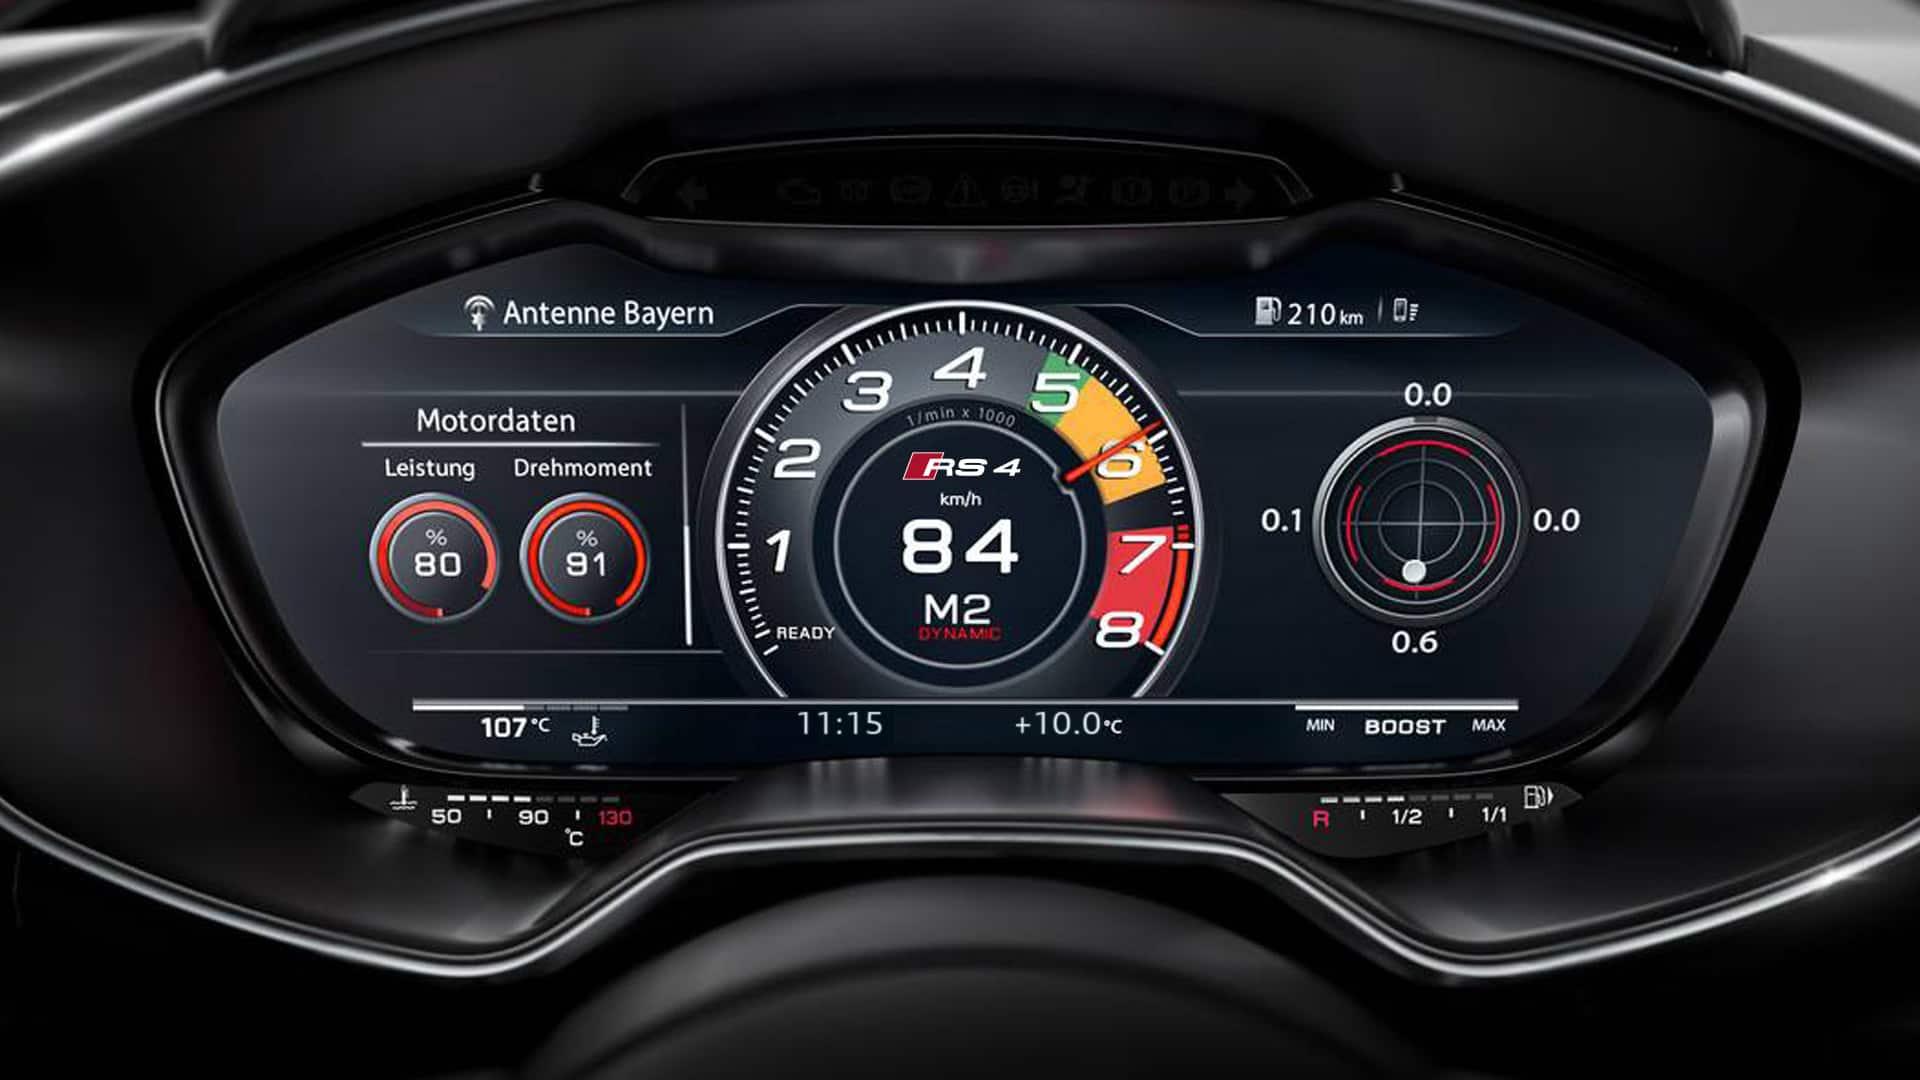 Среди особенностей места водителя Audi RS 4 Avant — виртуальная приборная панель Audi virtual cockpit и контрольная лампа, предупреждающая о необходимости переключения на более высокую передачу.